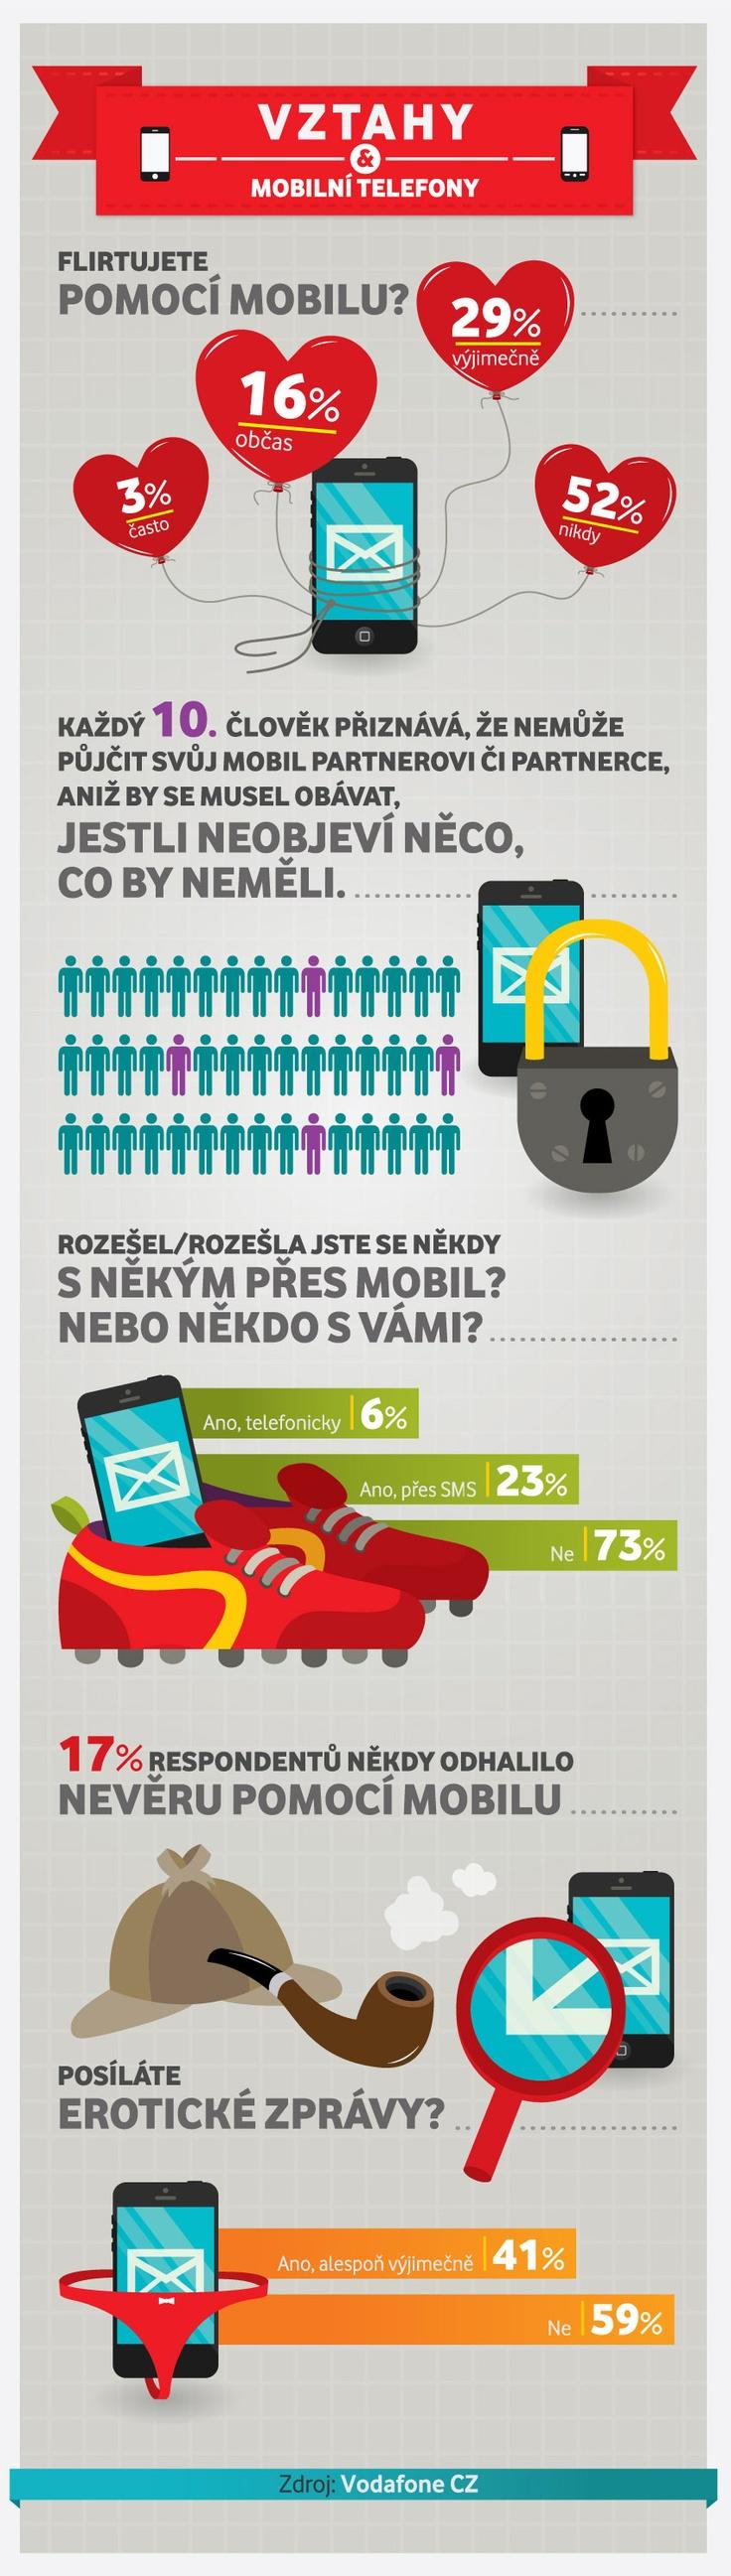 Flirtujete pomocí mobilu? Tak to nejste sami! Mrkněte na naší infografiku o Vztazích a mobilních telefonech.